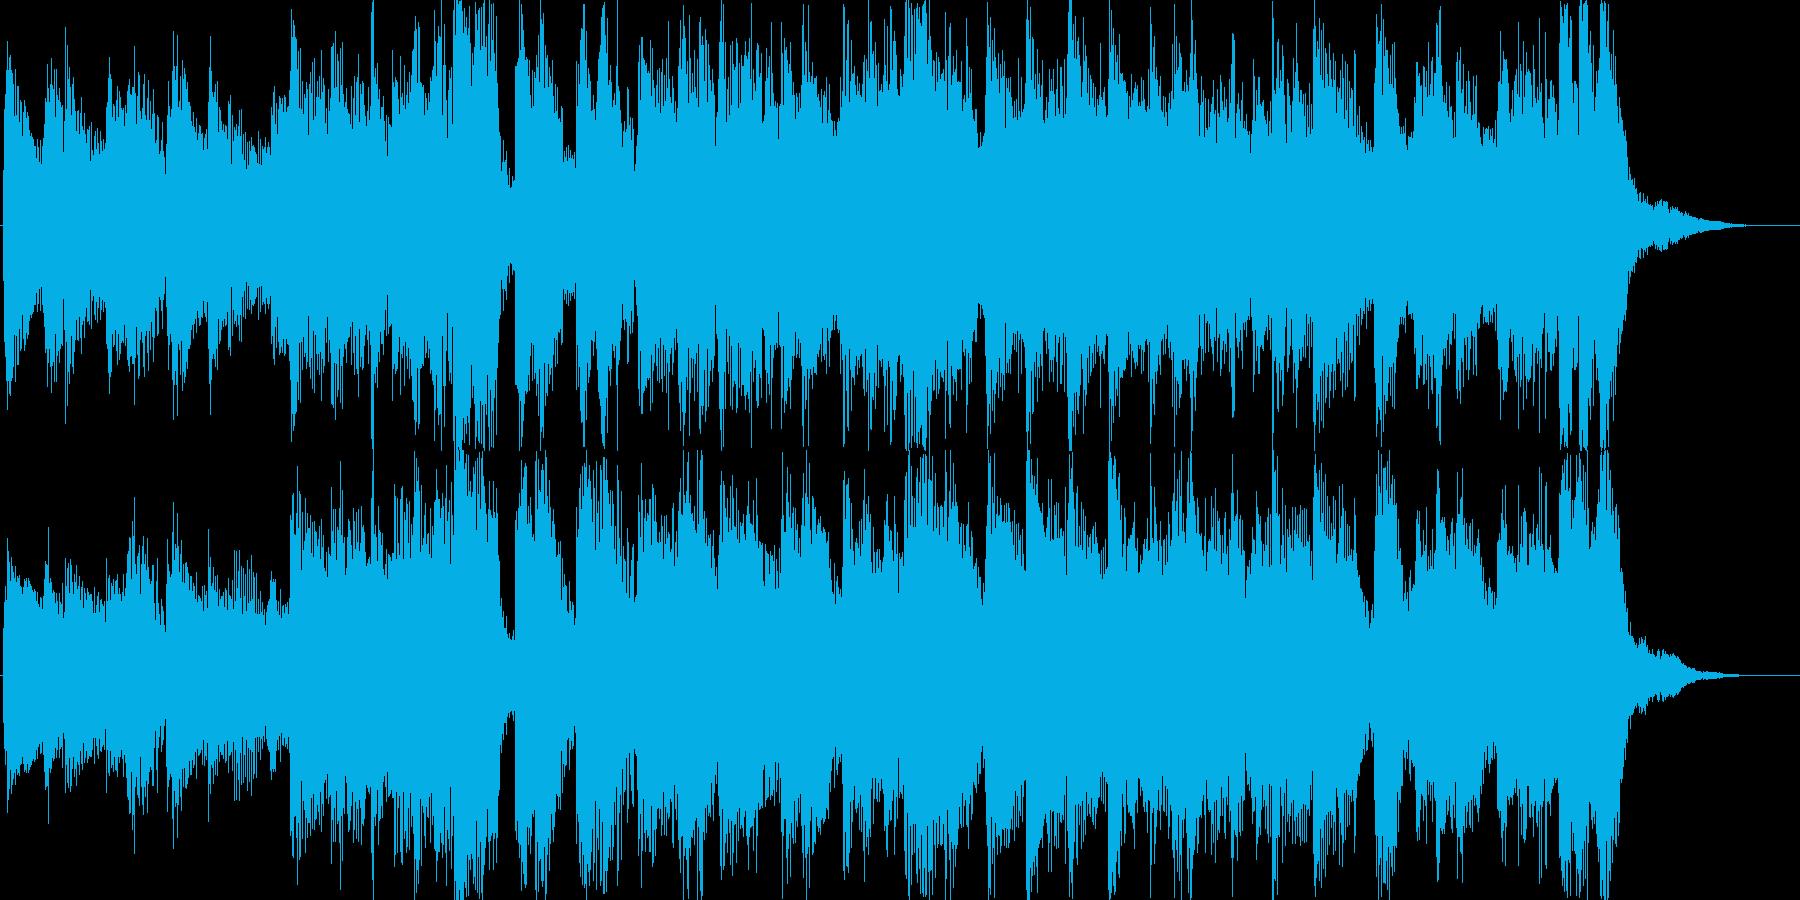 ピアノロックオーケストラ希望夢CM光の再生済みの波形